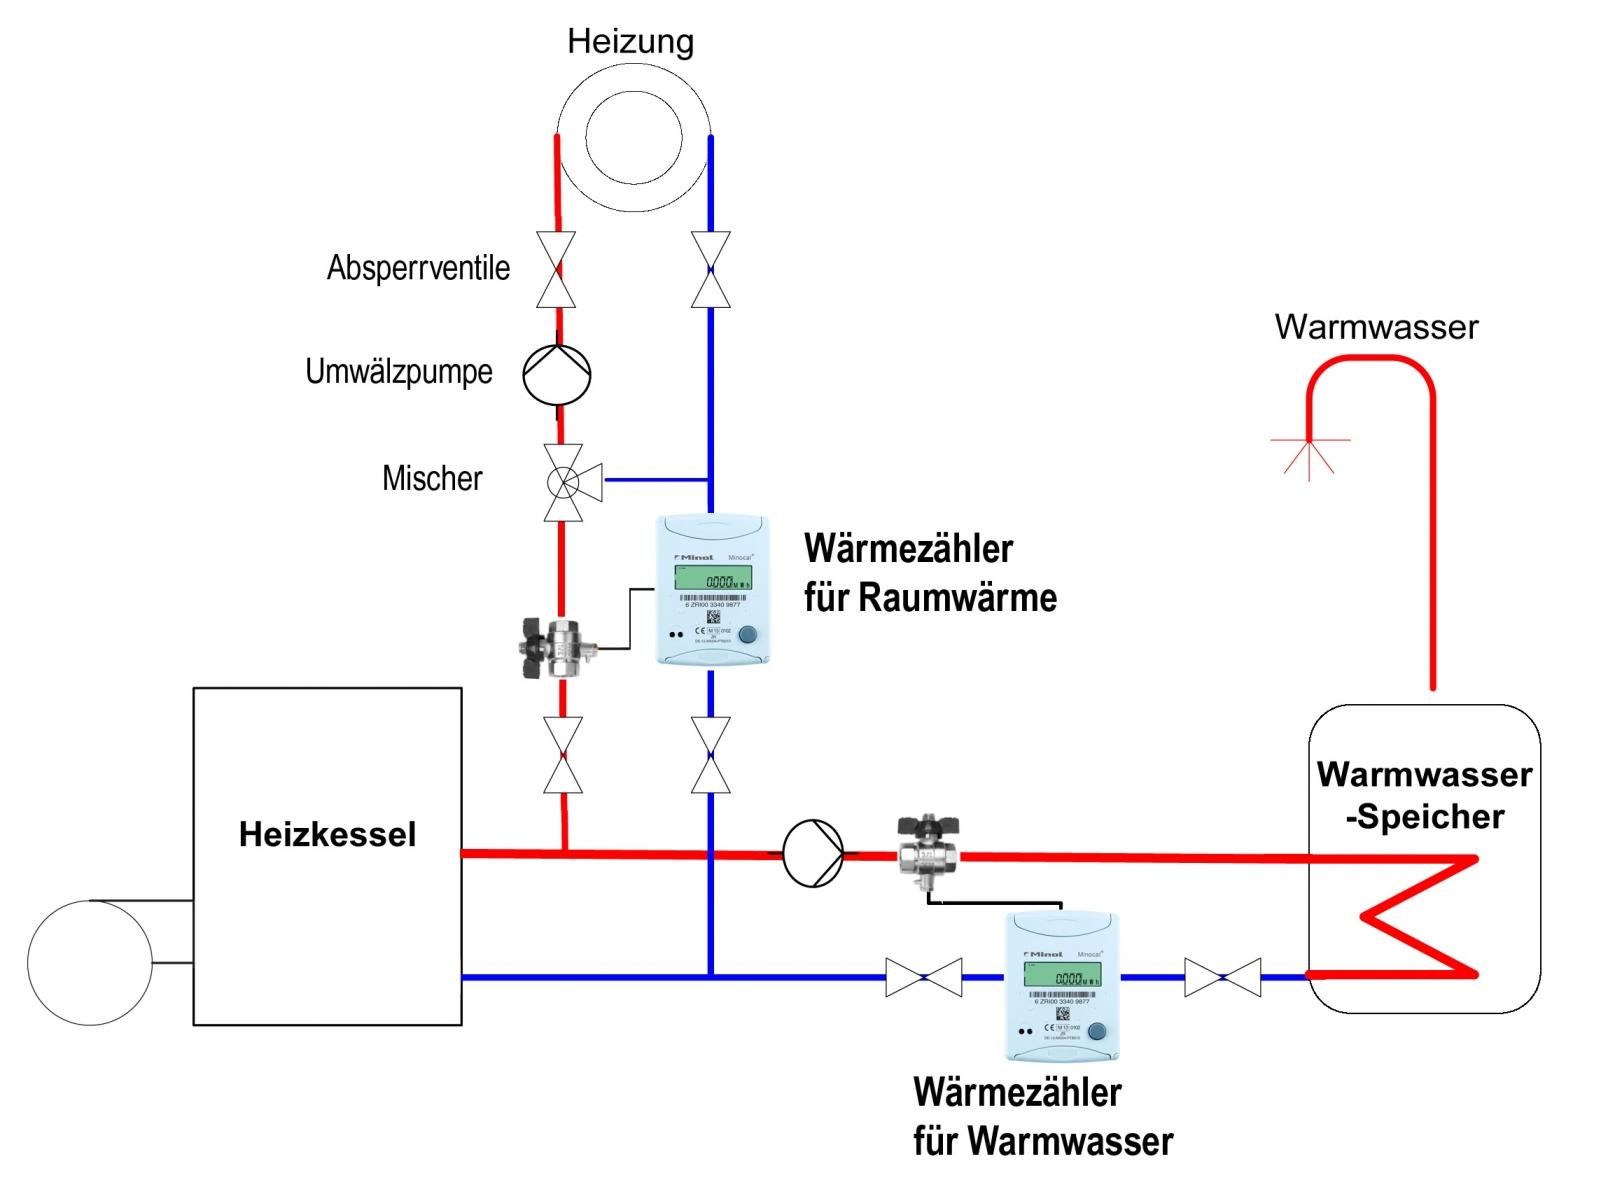 Wärmezähler für Warmwassererwärmung - Minol: messen, abrechnen, sparen